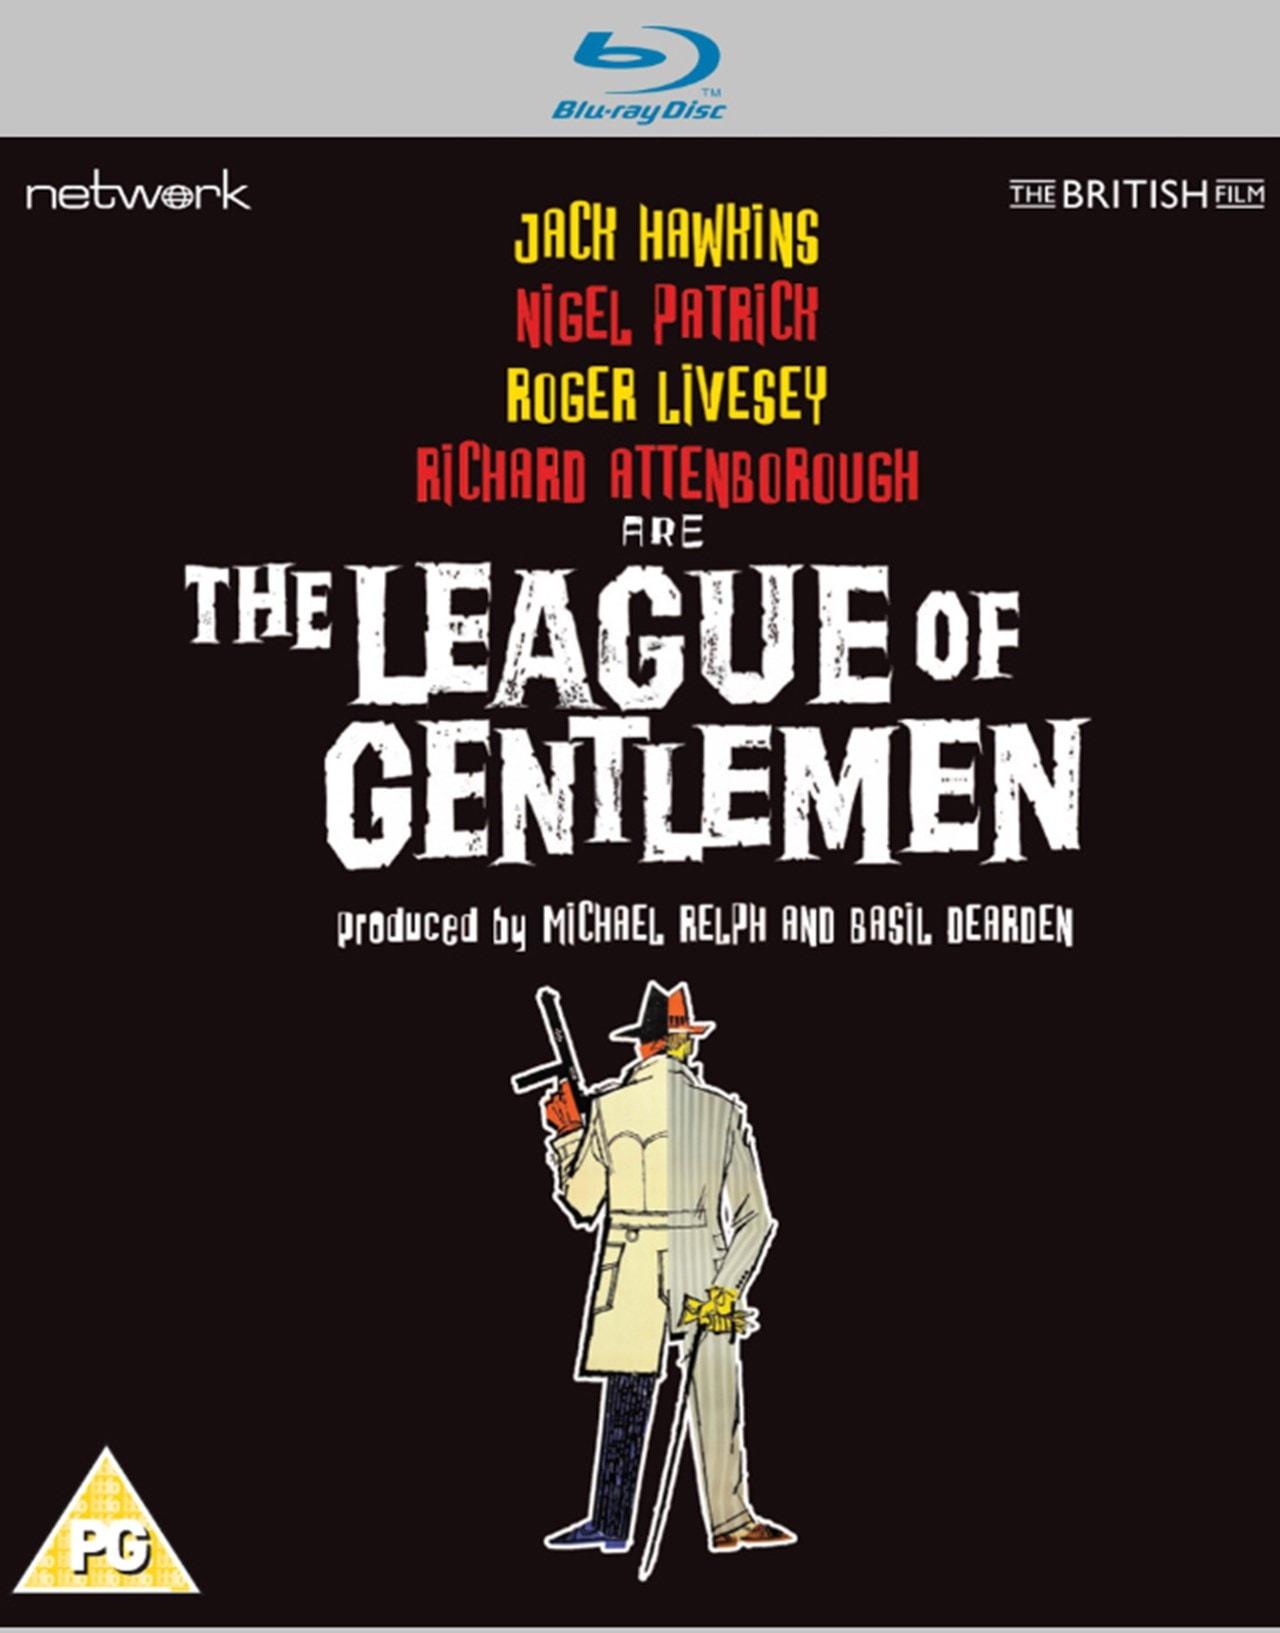 The League of Gentlemen - 1